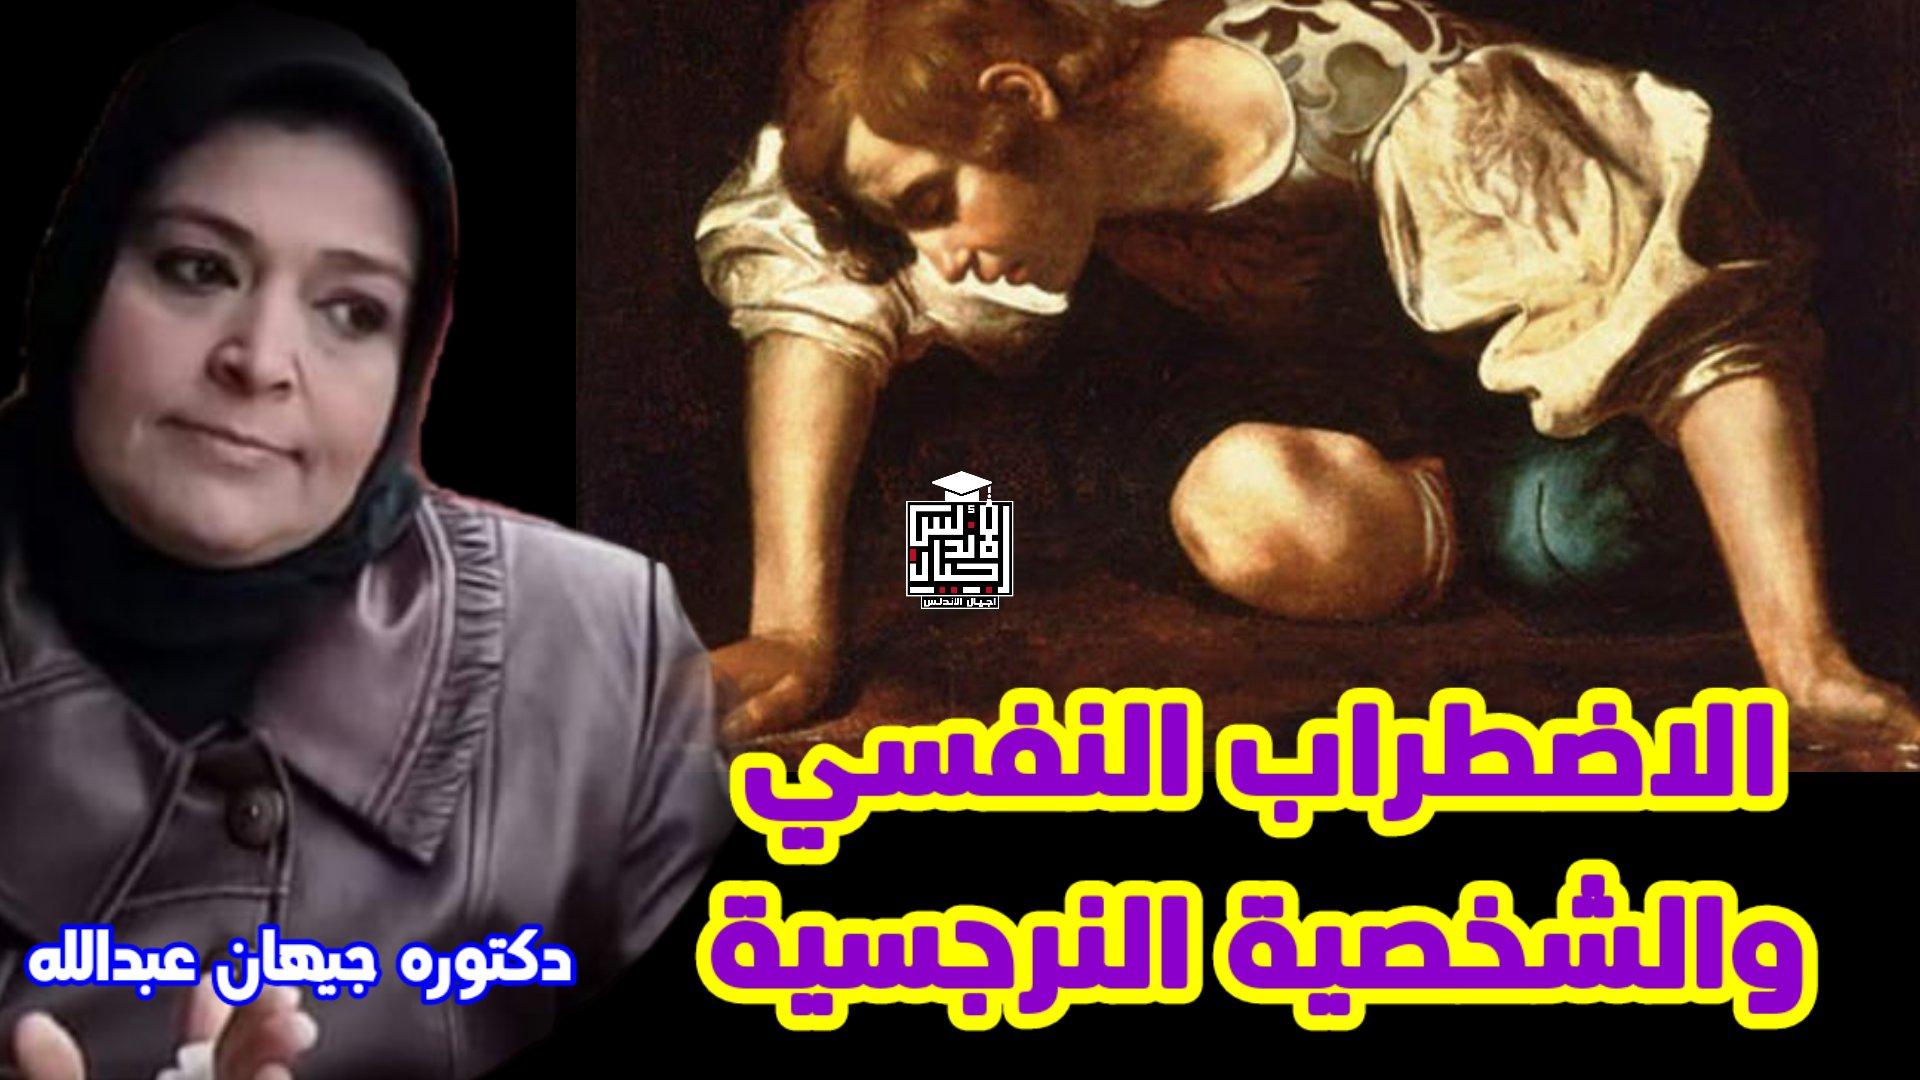 الاضطراب النفسي وشخصية المنحرف النرجسي بقلم دكتورة جيهان عبد الله